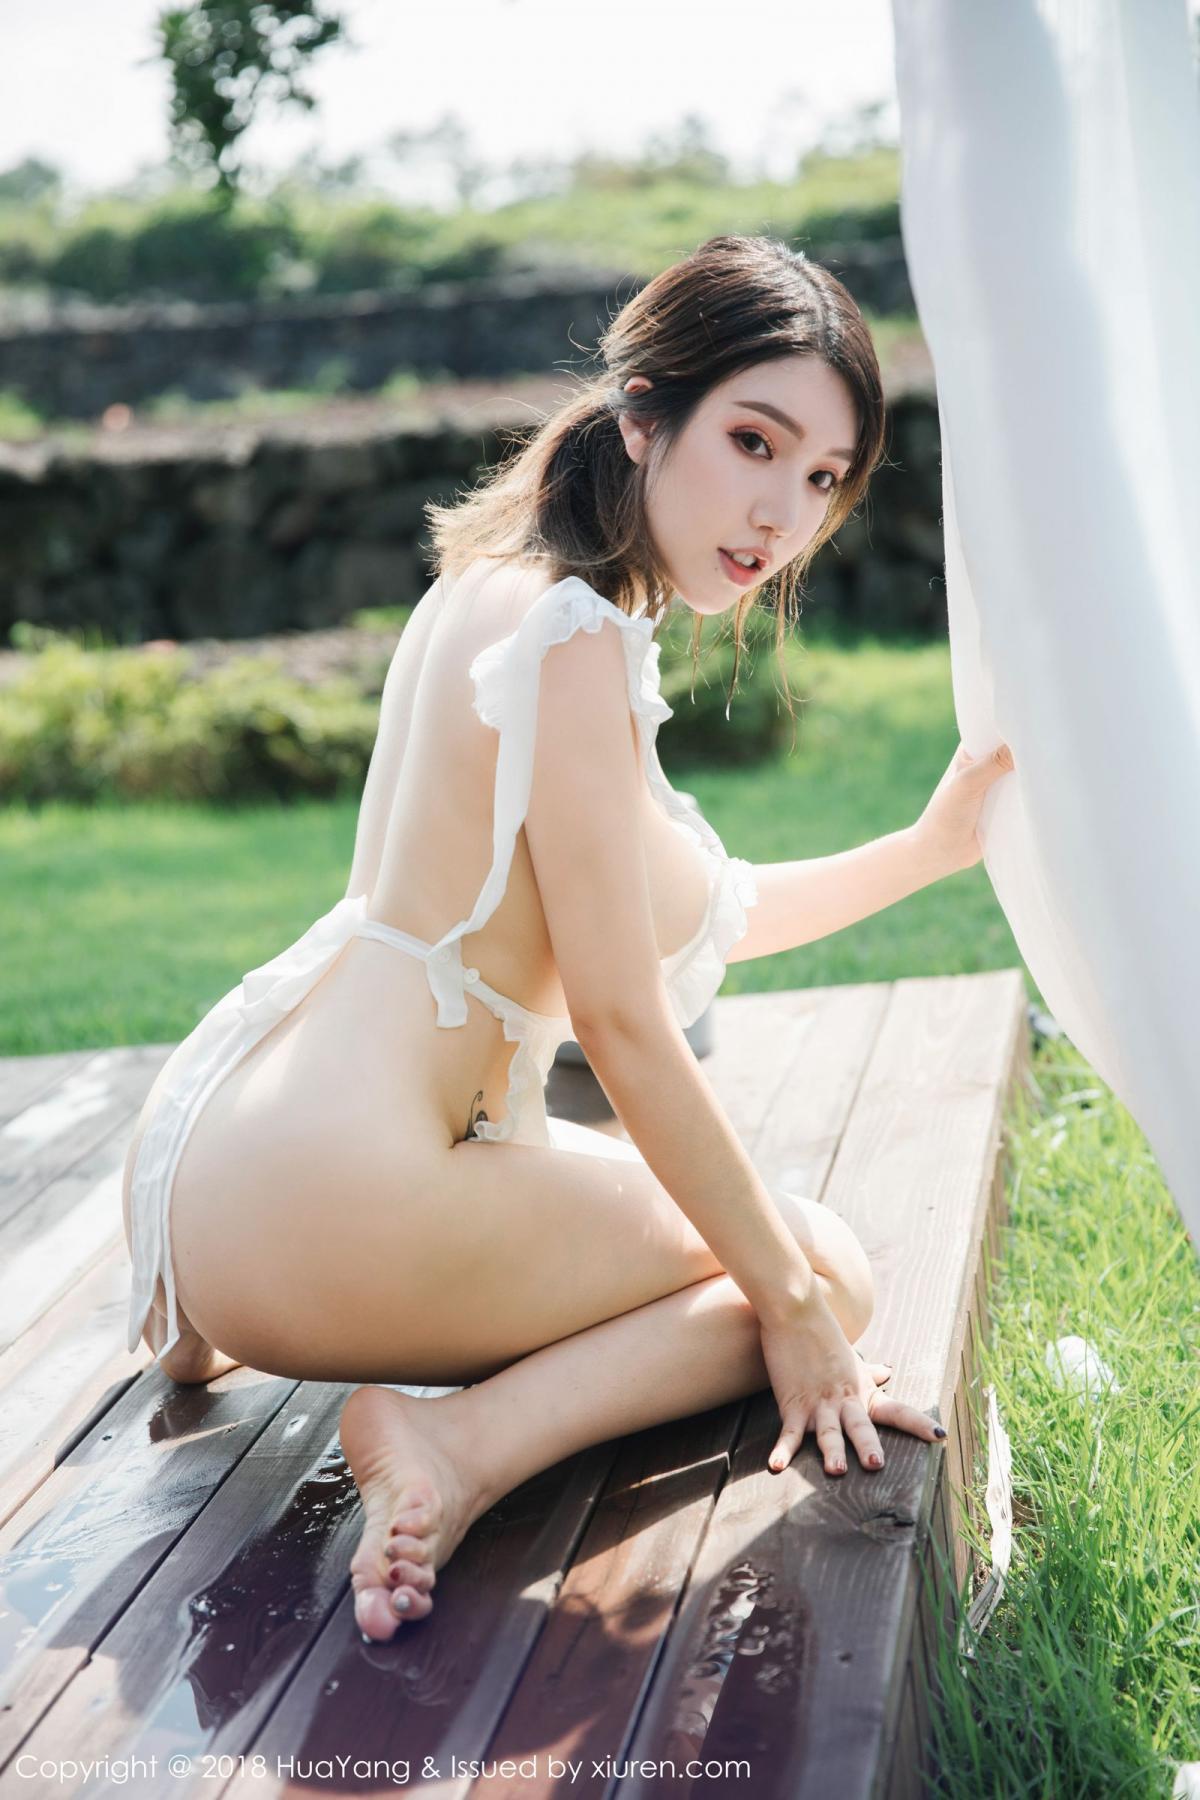 [Huayang] Vol.082 Huang Le Ran 24P, Adult, Huang Le Ran, HuaYang, Maid